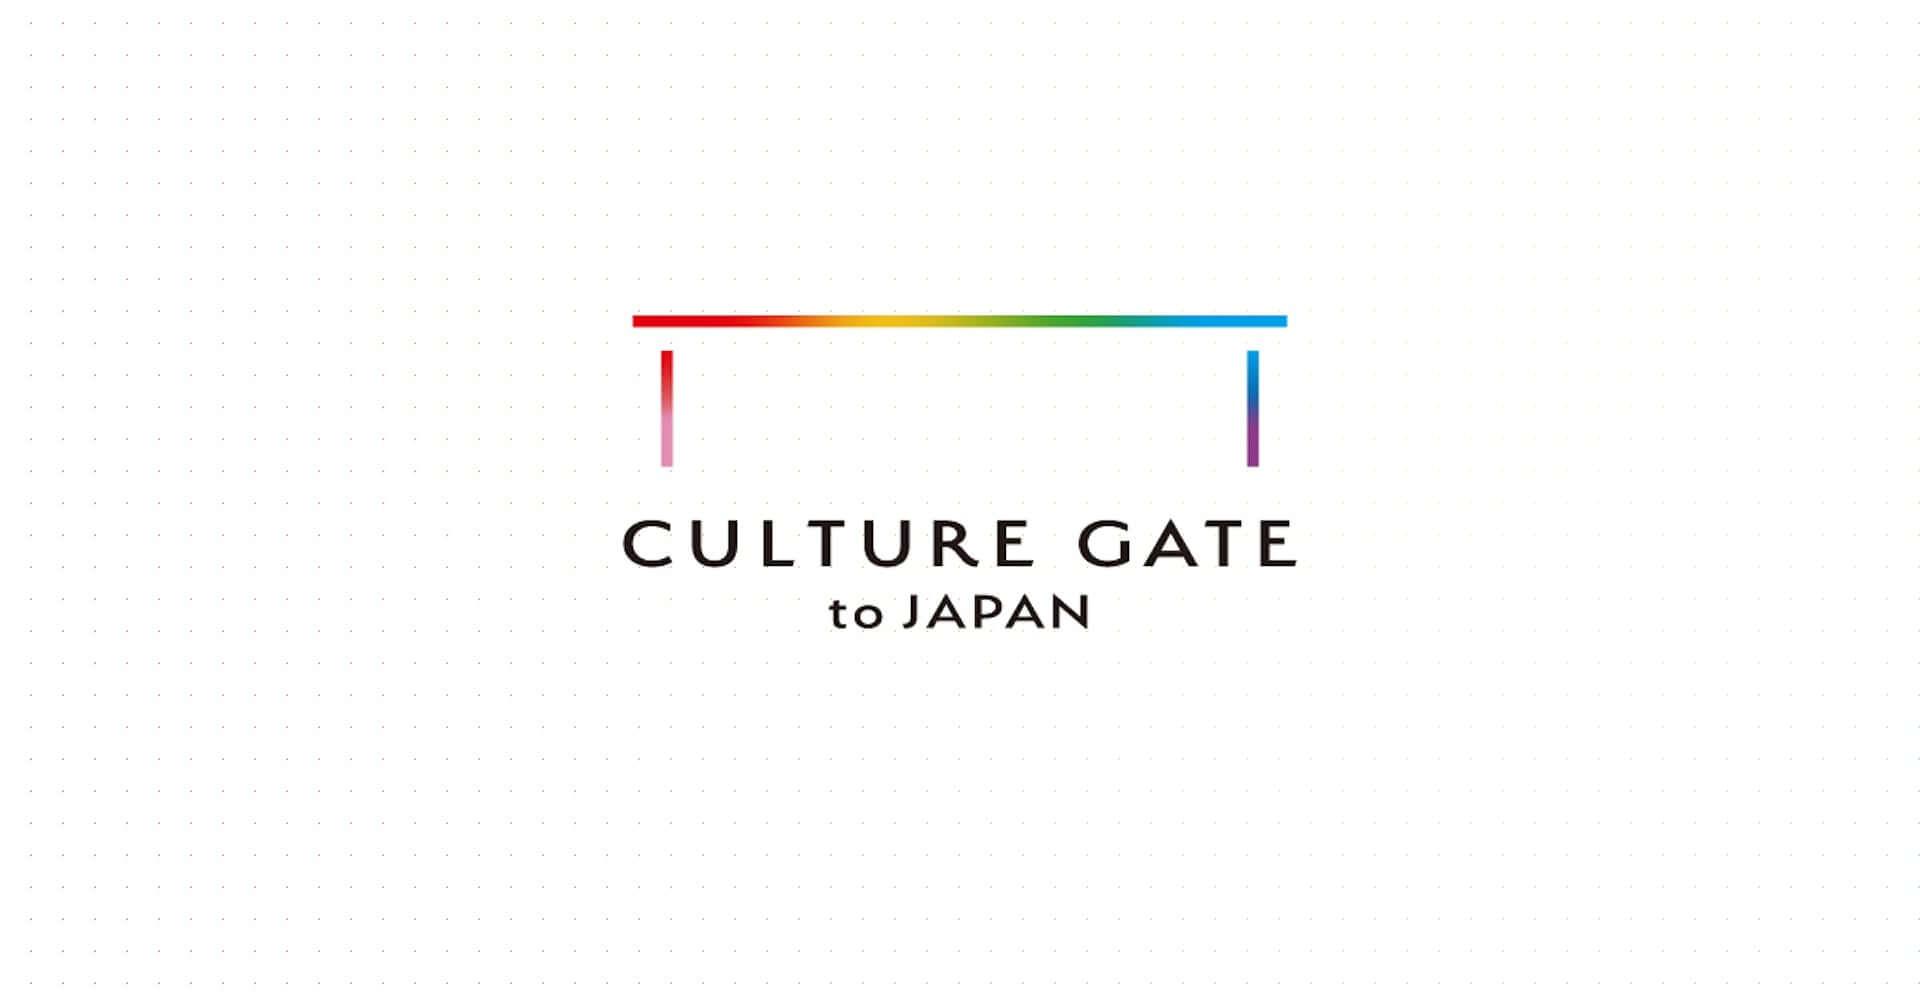 水江未来、比嘉了、齋藤精一らが参加!日本文化を発信する展示プロジェクト「CULTURE GATE to JAPAN」が全国7空港ほかで実施決定 art210121_culture-gate_7-1920x1008